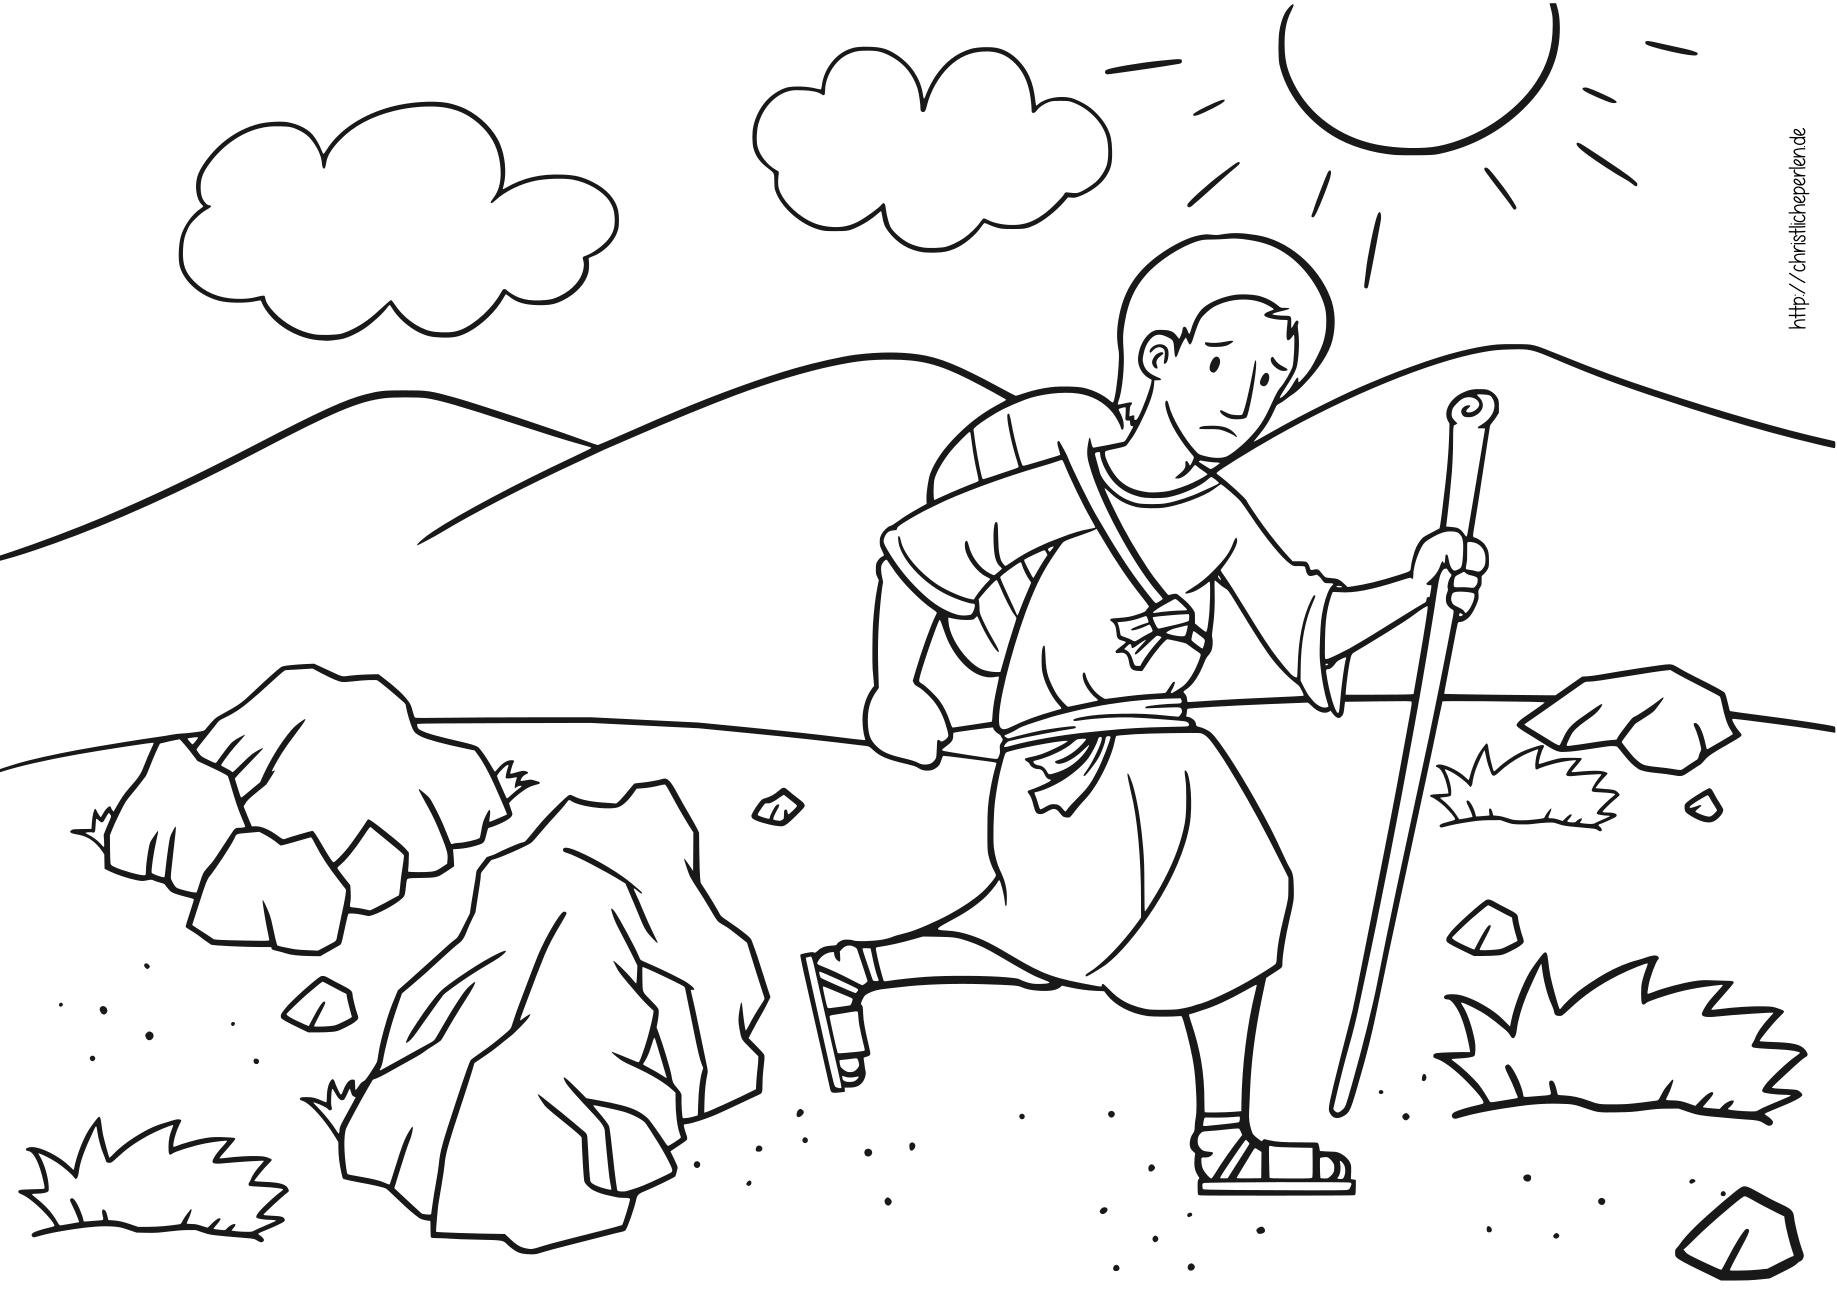 Ausmalbilder Zur Bibel | Christliche Perlen | Seite 7 verwandt mit Biblische Ausmalbilder